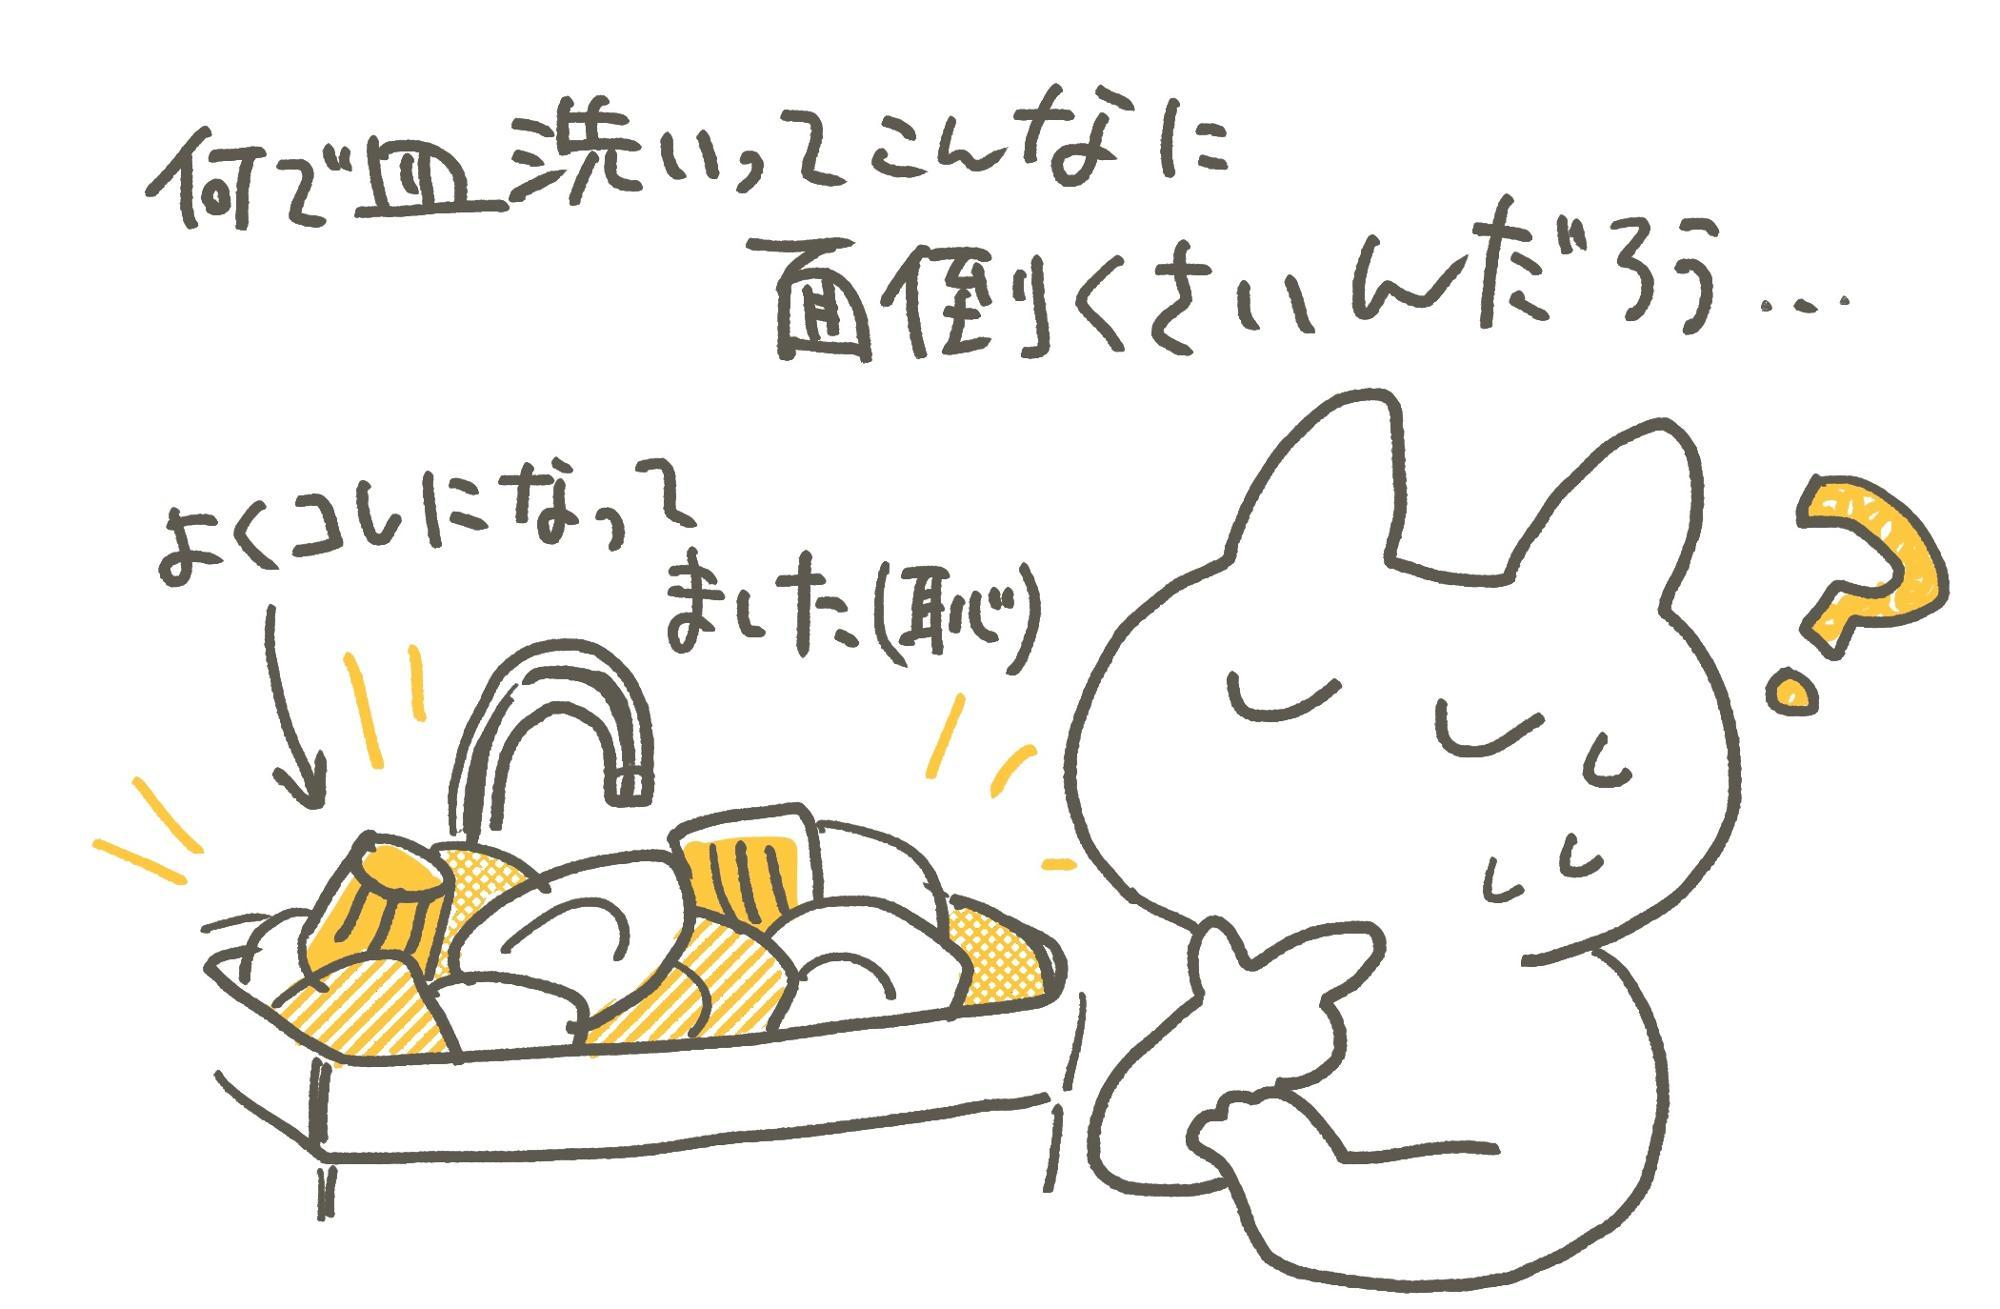 洗っても洗ってもすぐにお皿が貯まる